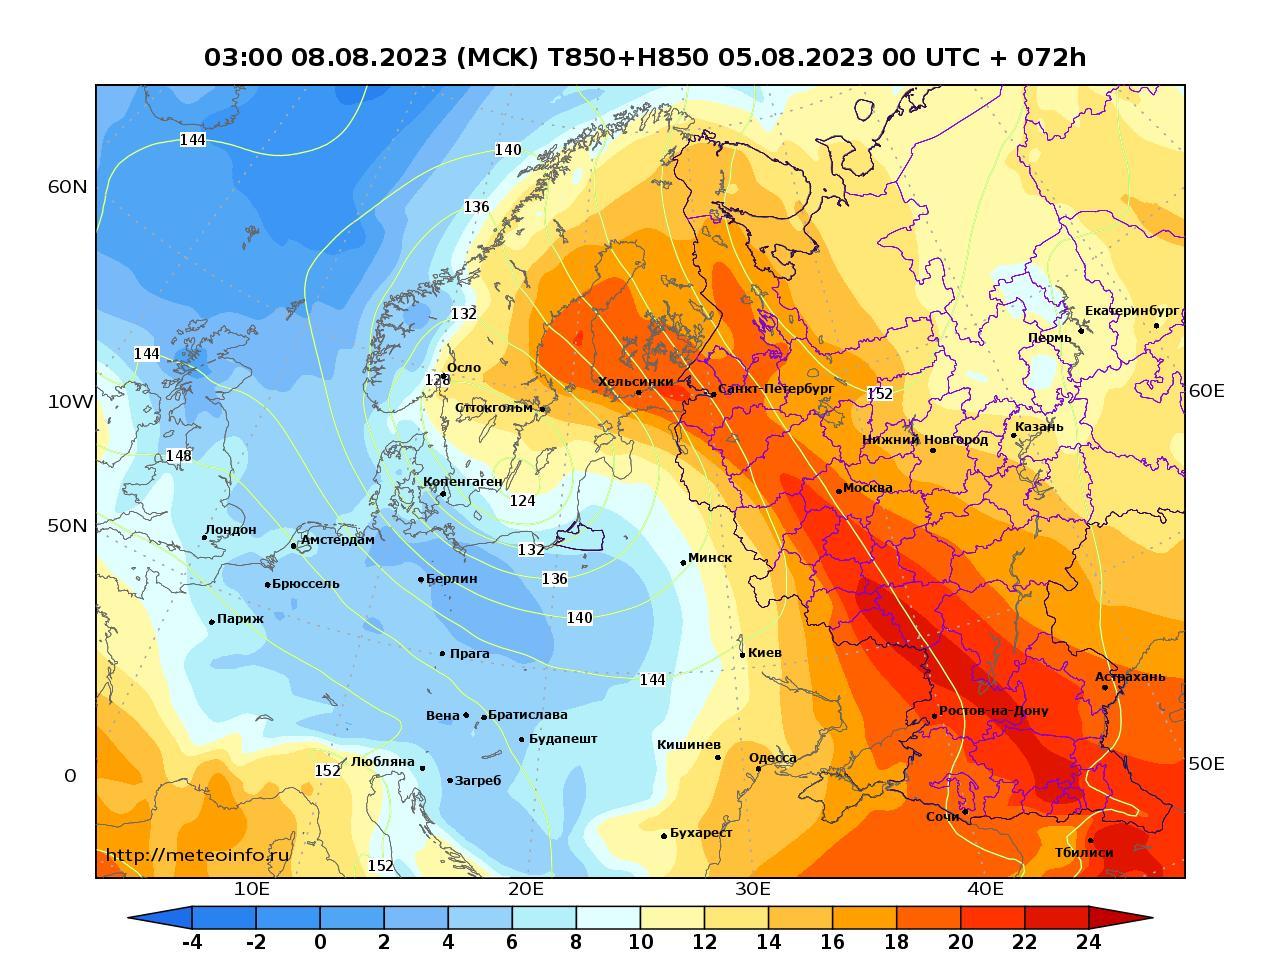 Европейская территория России, прогностическая карта температура T850 и геопотенциал H850, заблаговременность прогноза 72 часа